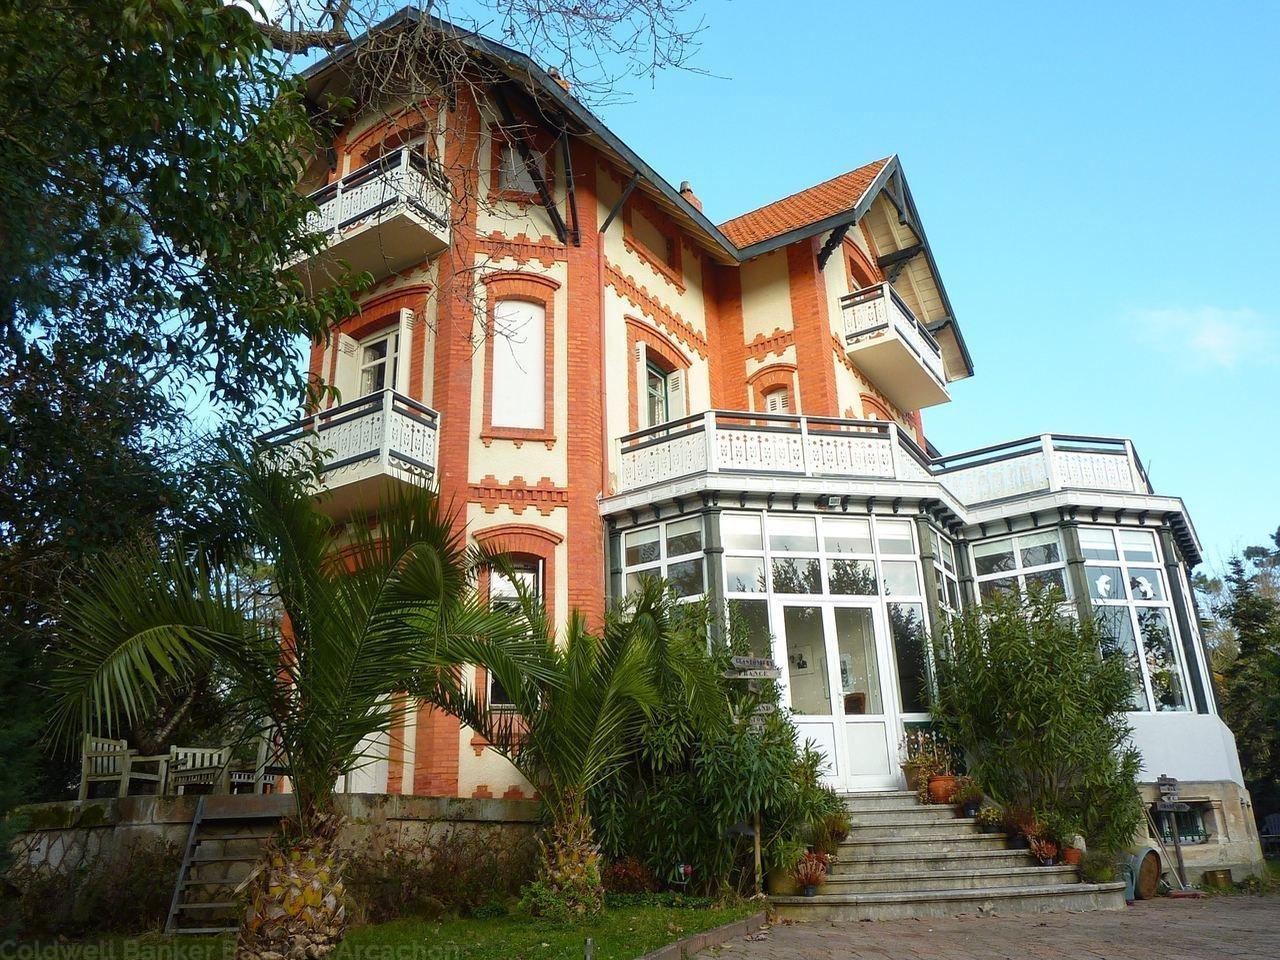 A vendre villa arcachonnaise historique proche pereire et plage